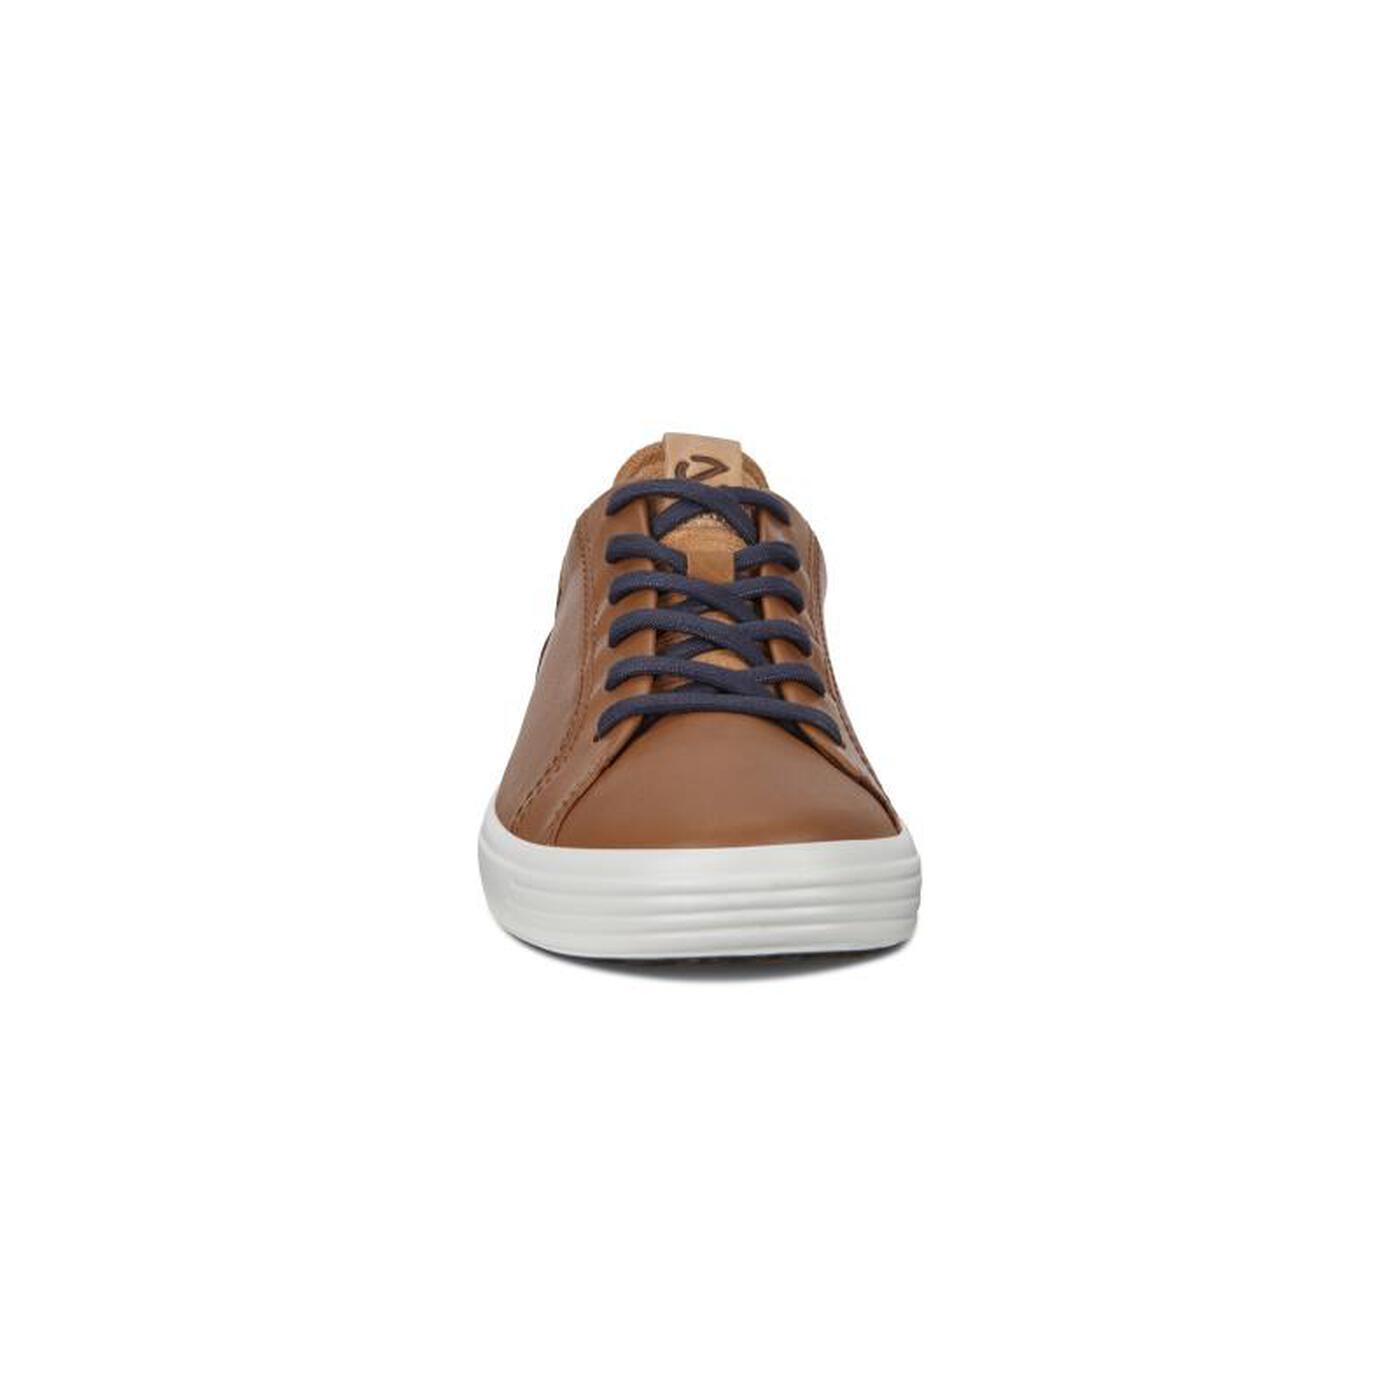 ECCO Soft 7 Men's Contrast Heel Sneakers